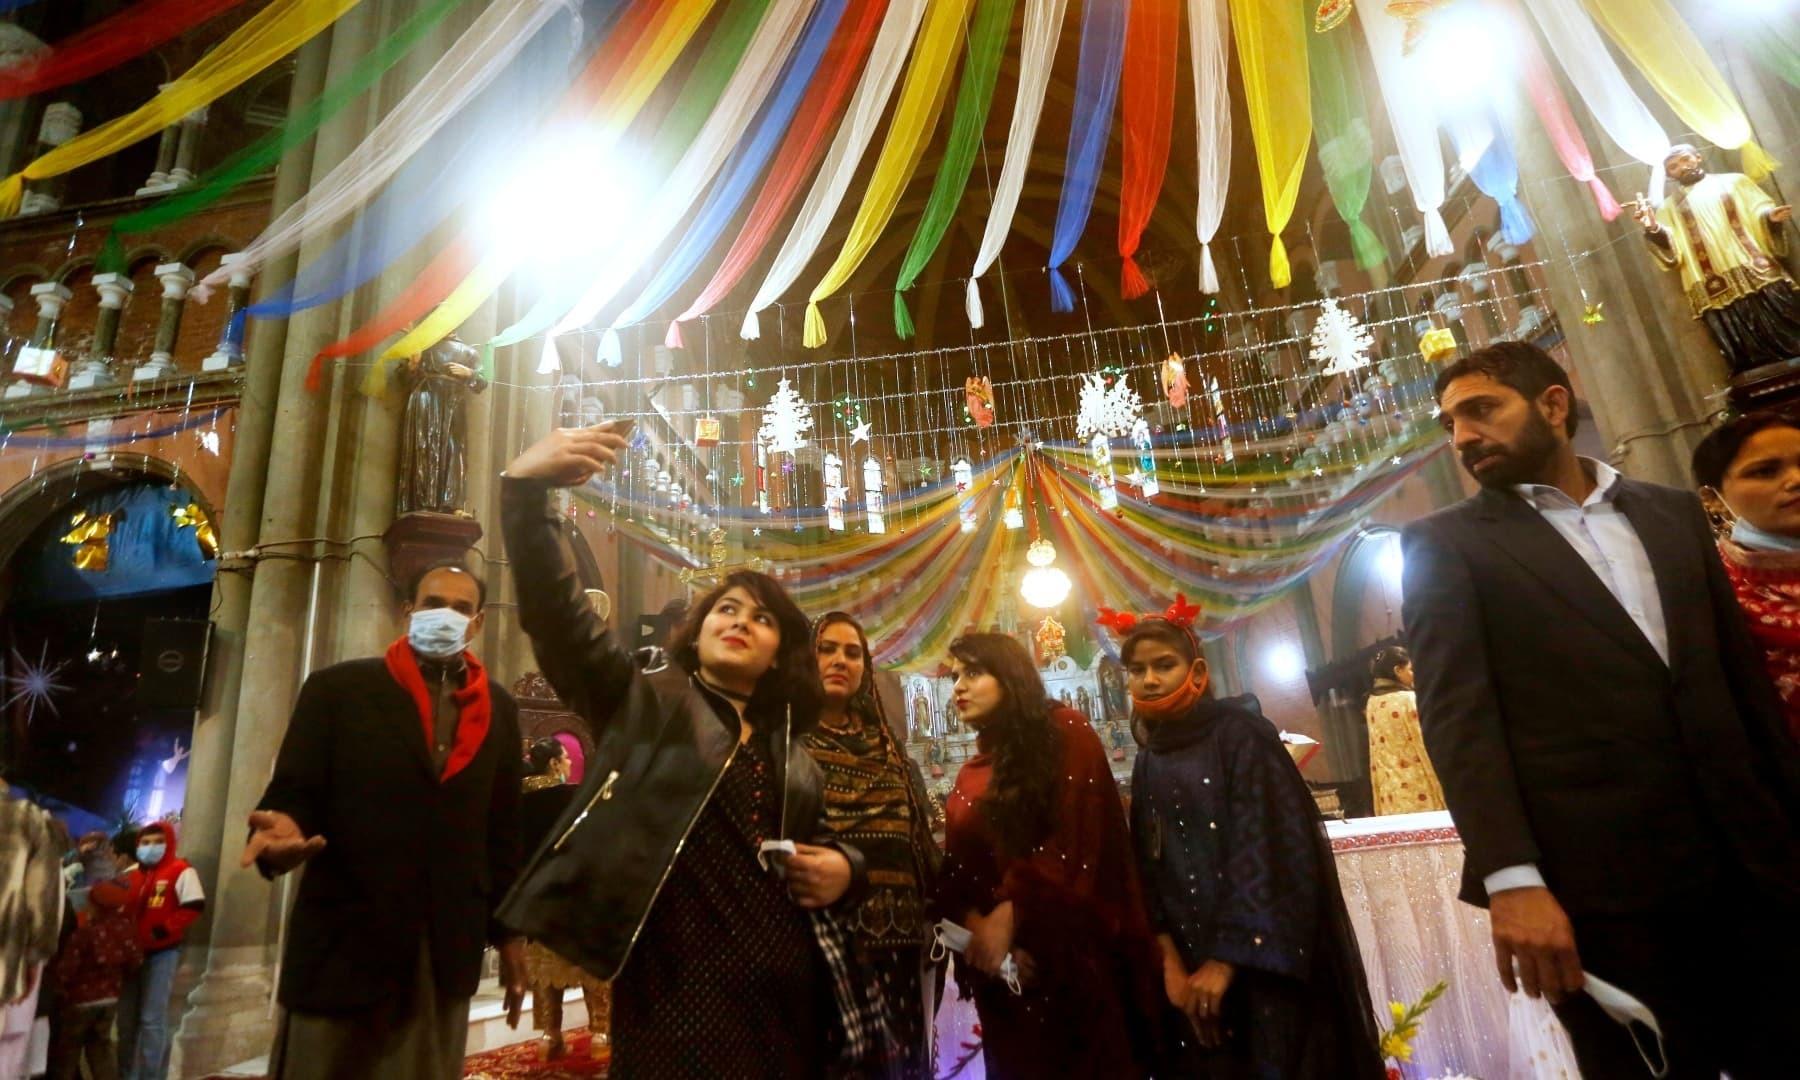 لاہور میں بھی ملک کے دیگر شہروں کی طرح کرسمس کی خوشیاں منائی گئیں —فوٹو: اے پی